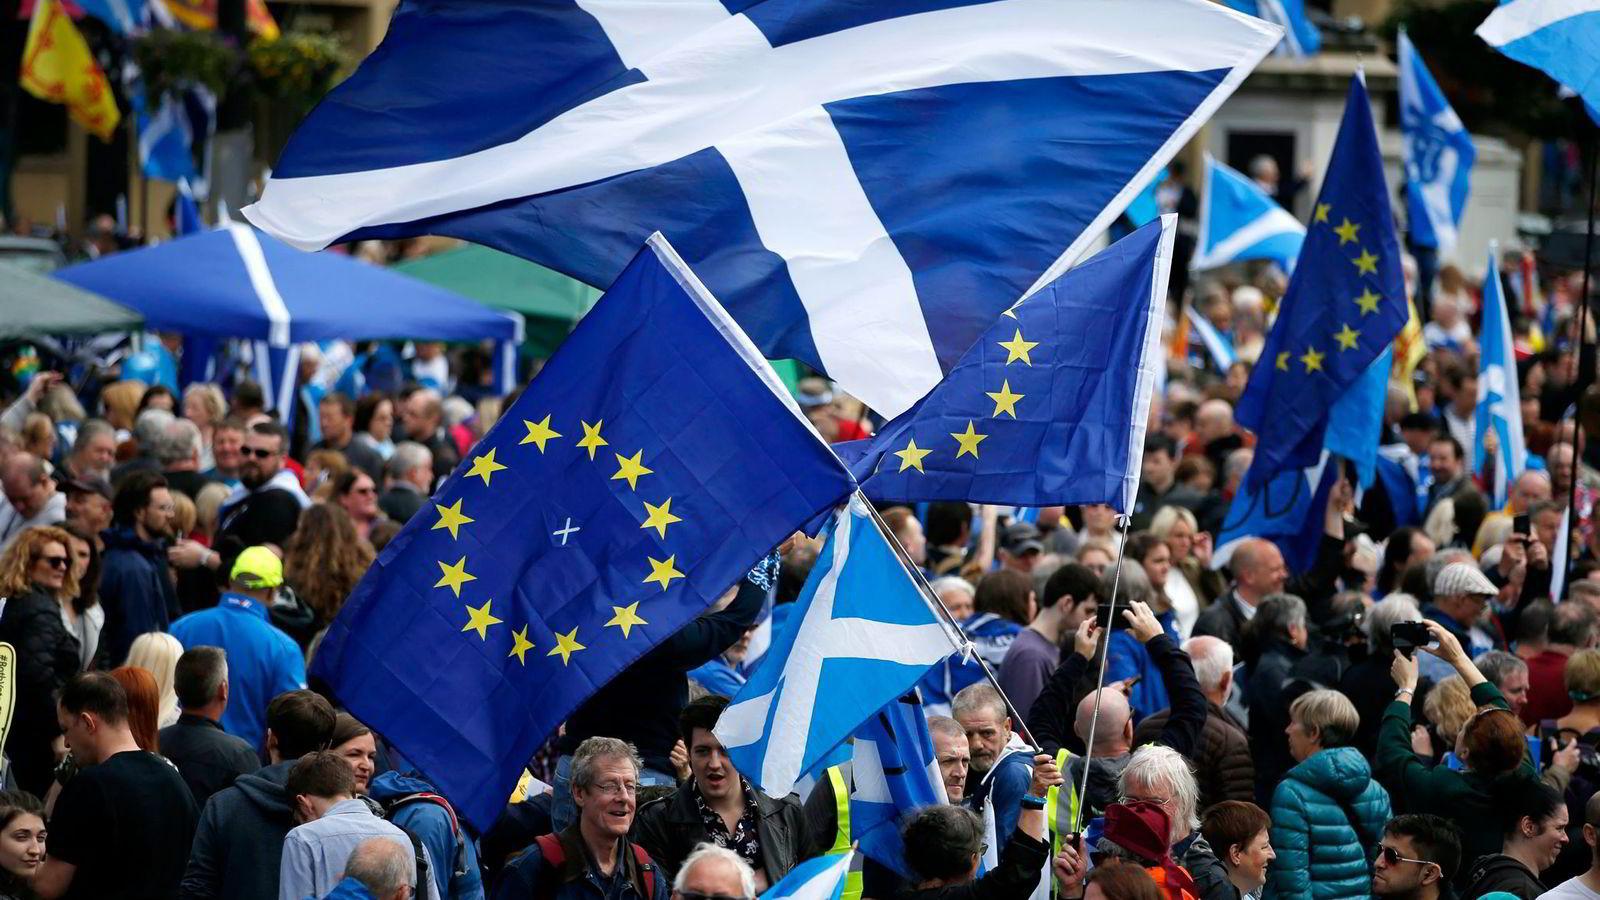 Brexit-resultatet viser et splittet Storbritannia. Skottland vil bli i EU, og som følge av brexit-resultatet marsjerte tusenvis av mennesker for skotsk uavhengighet gjennom Glasgow sentrum forrige lørdag.